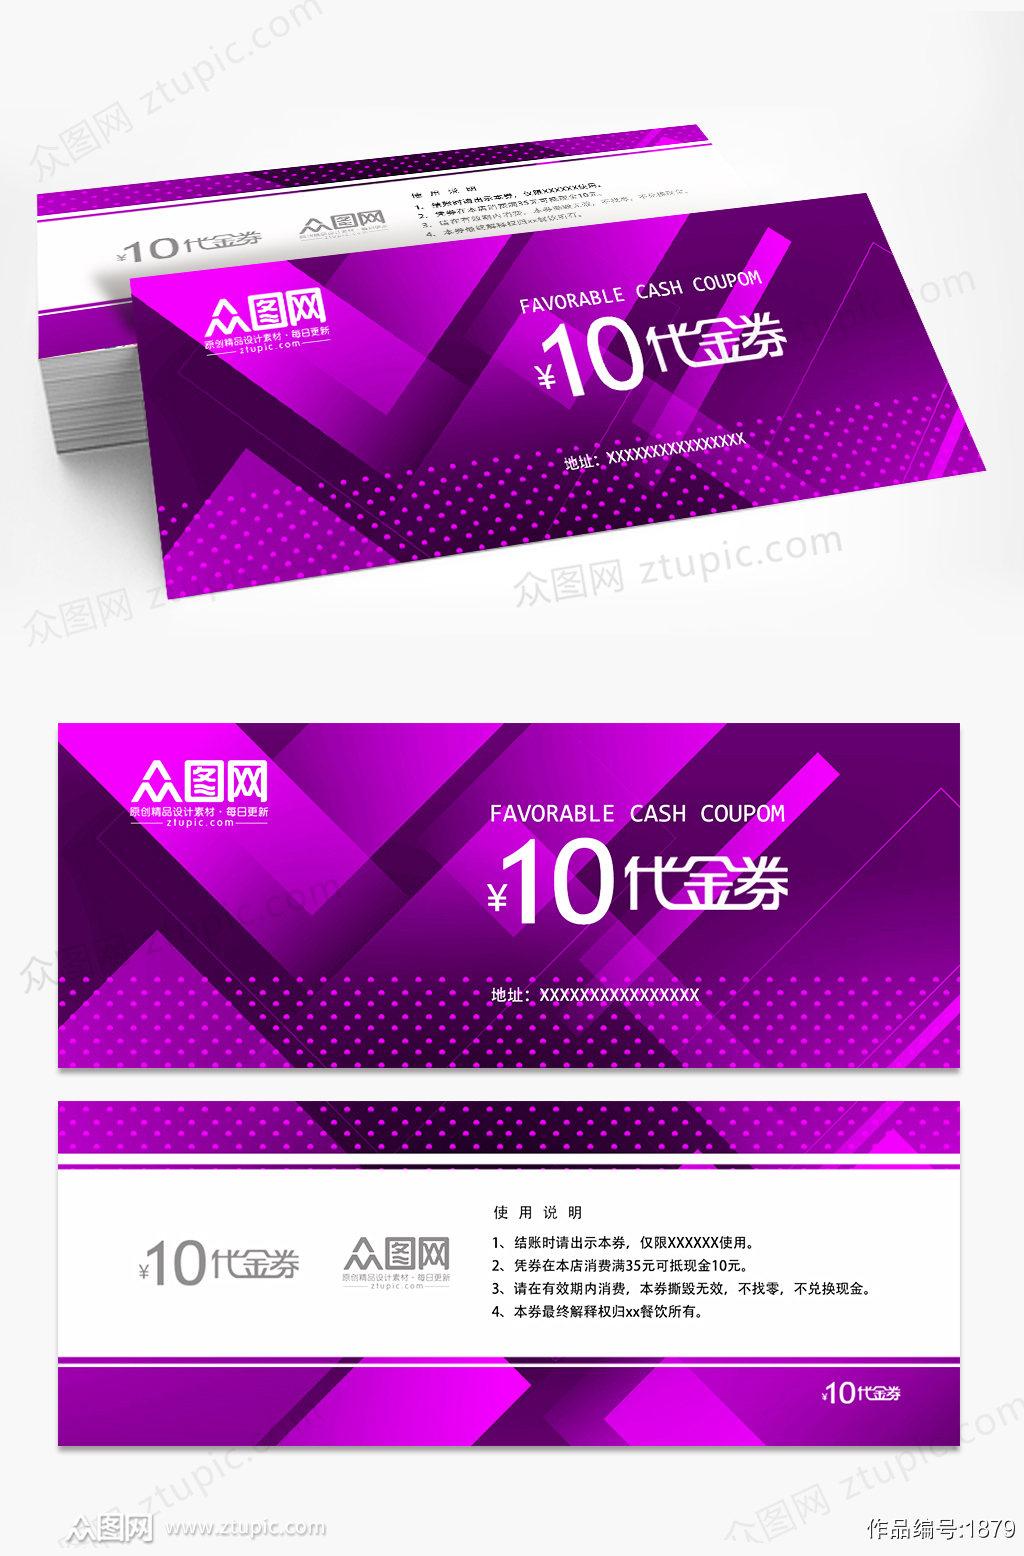 紫色蝴蝶结代金券设计模板素材